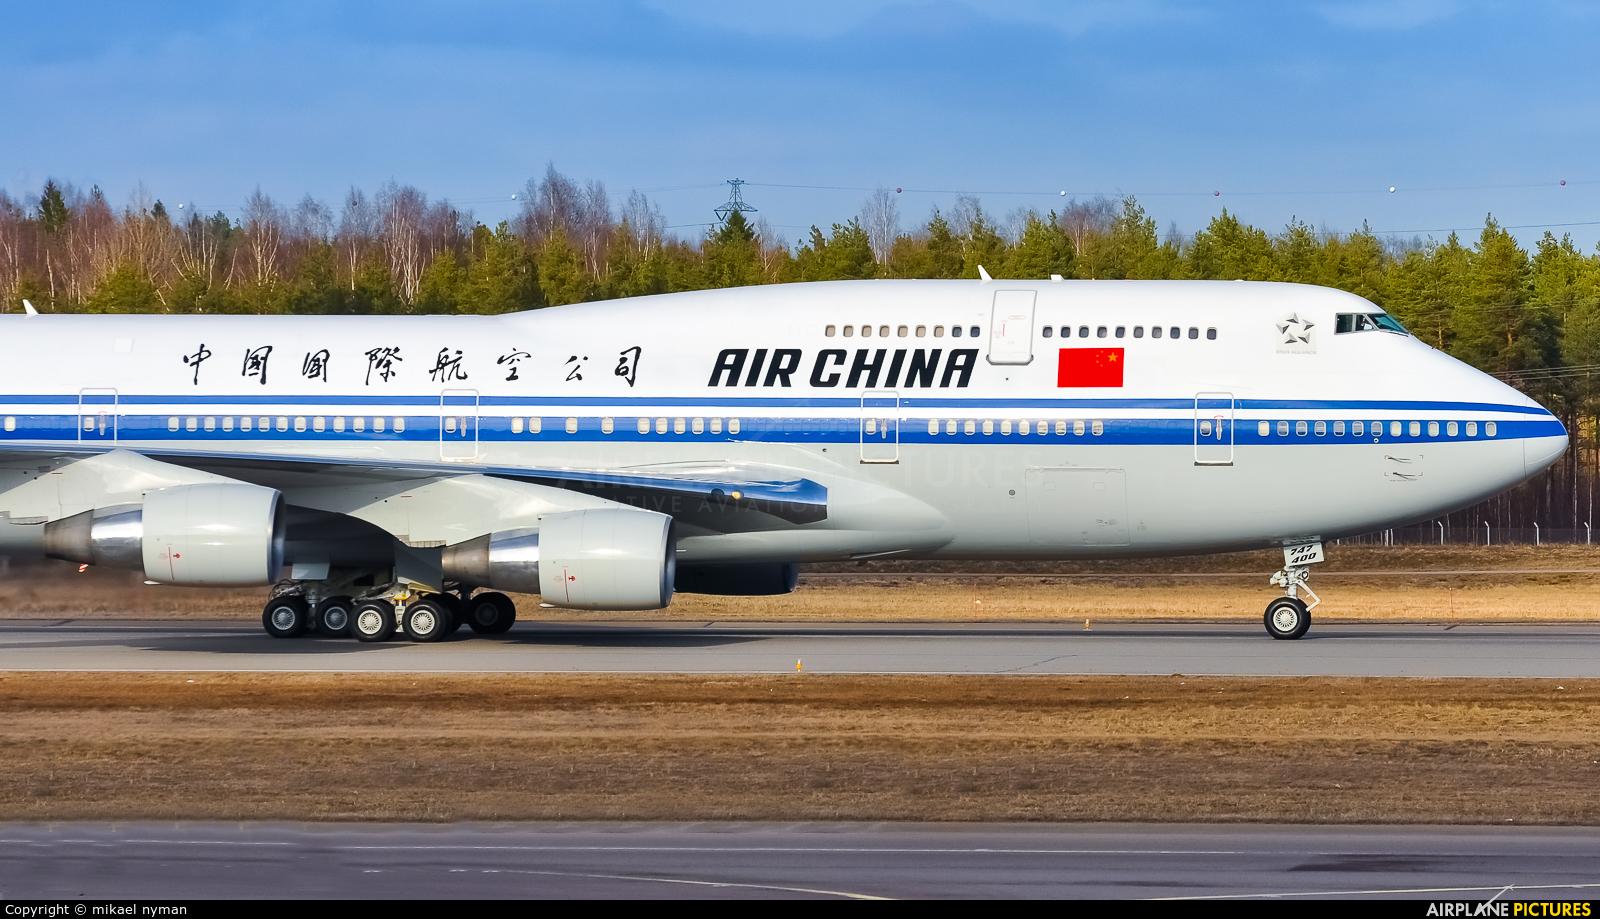 Air China B-2472 aircraft at Helsinki - Vantaa